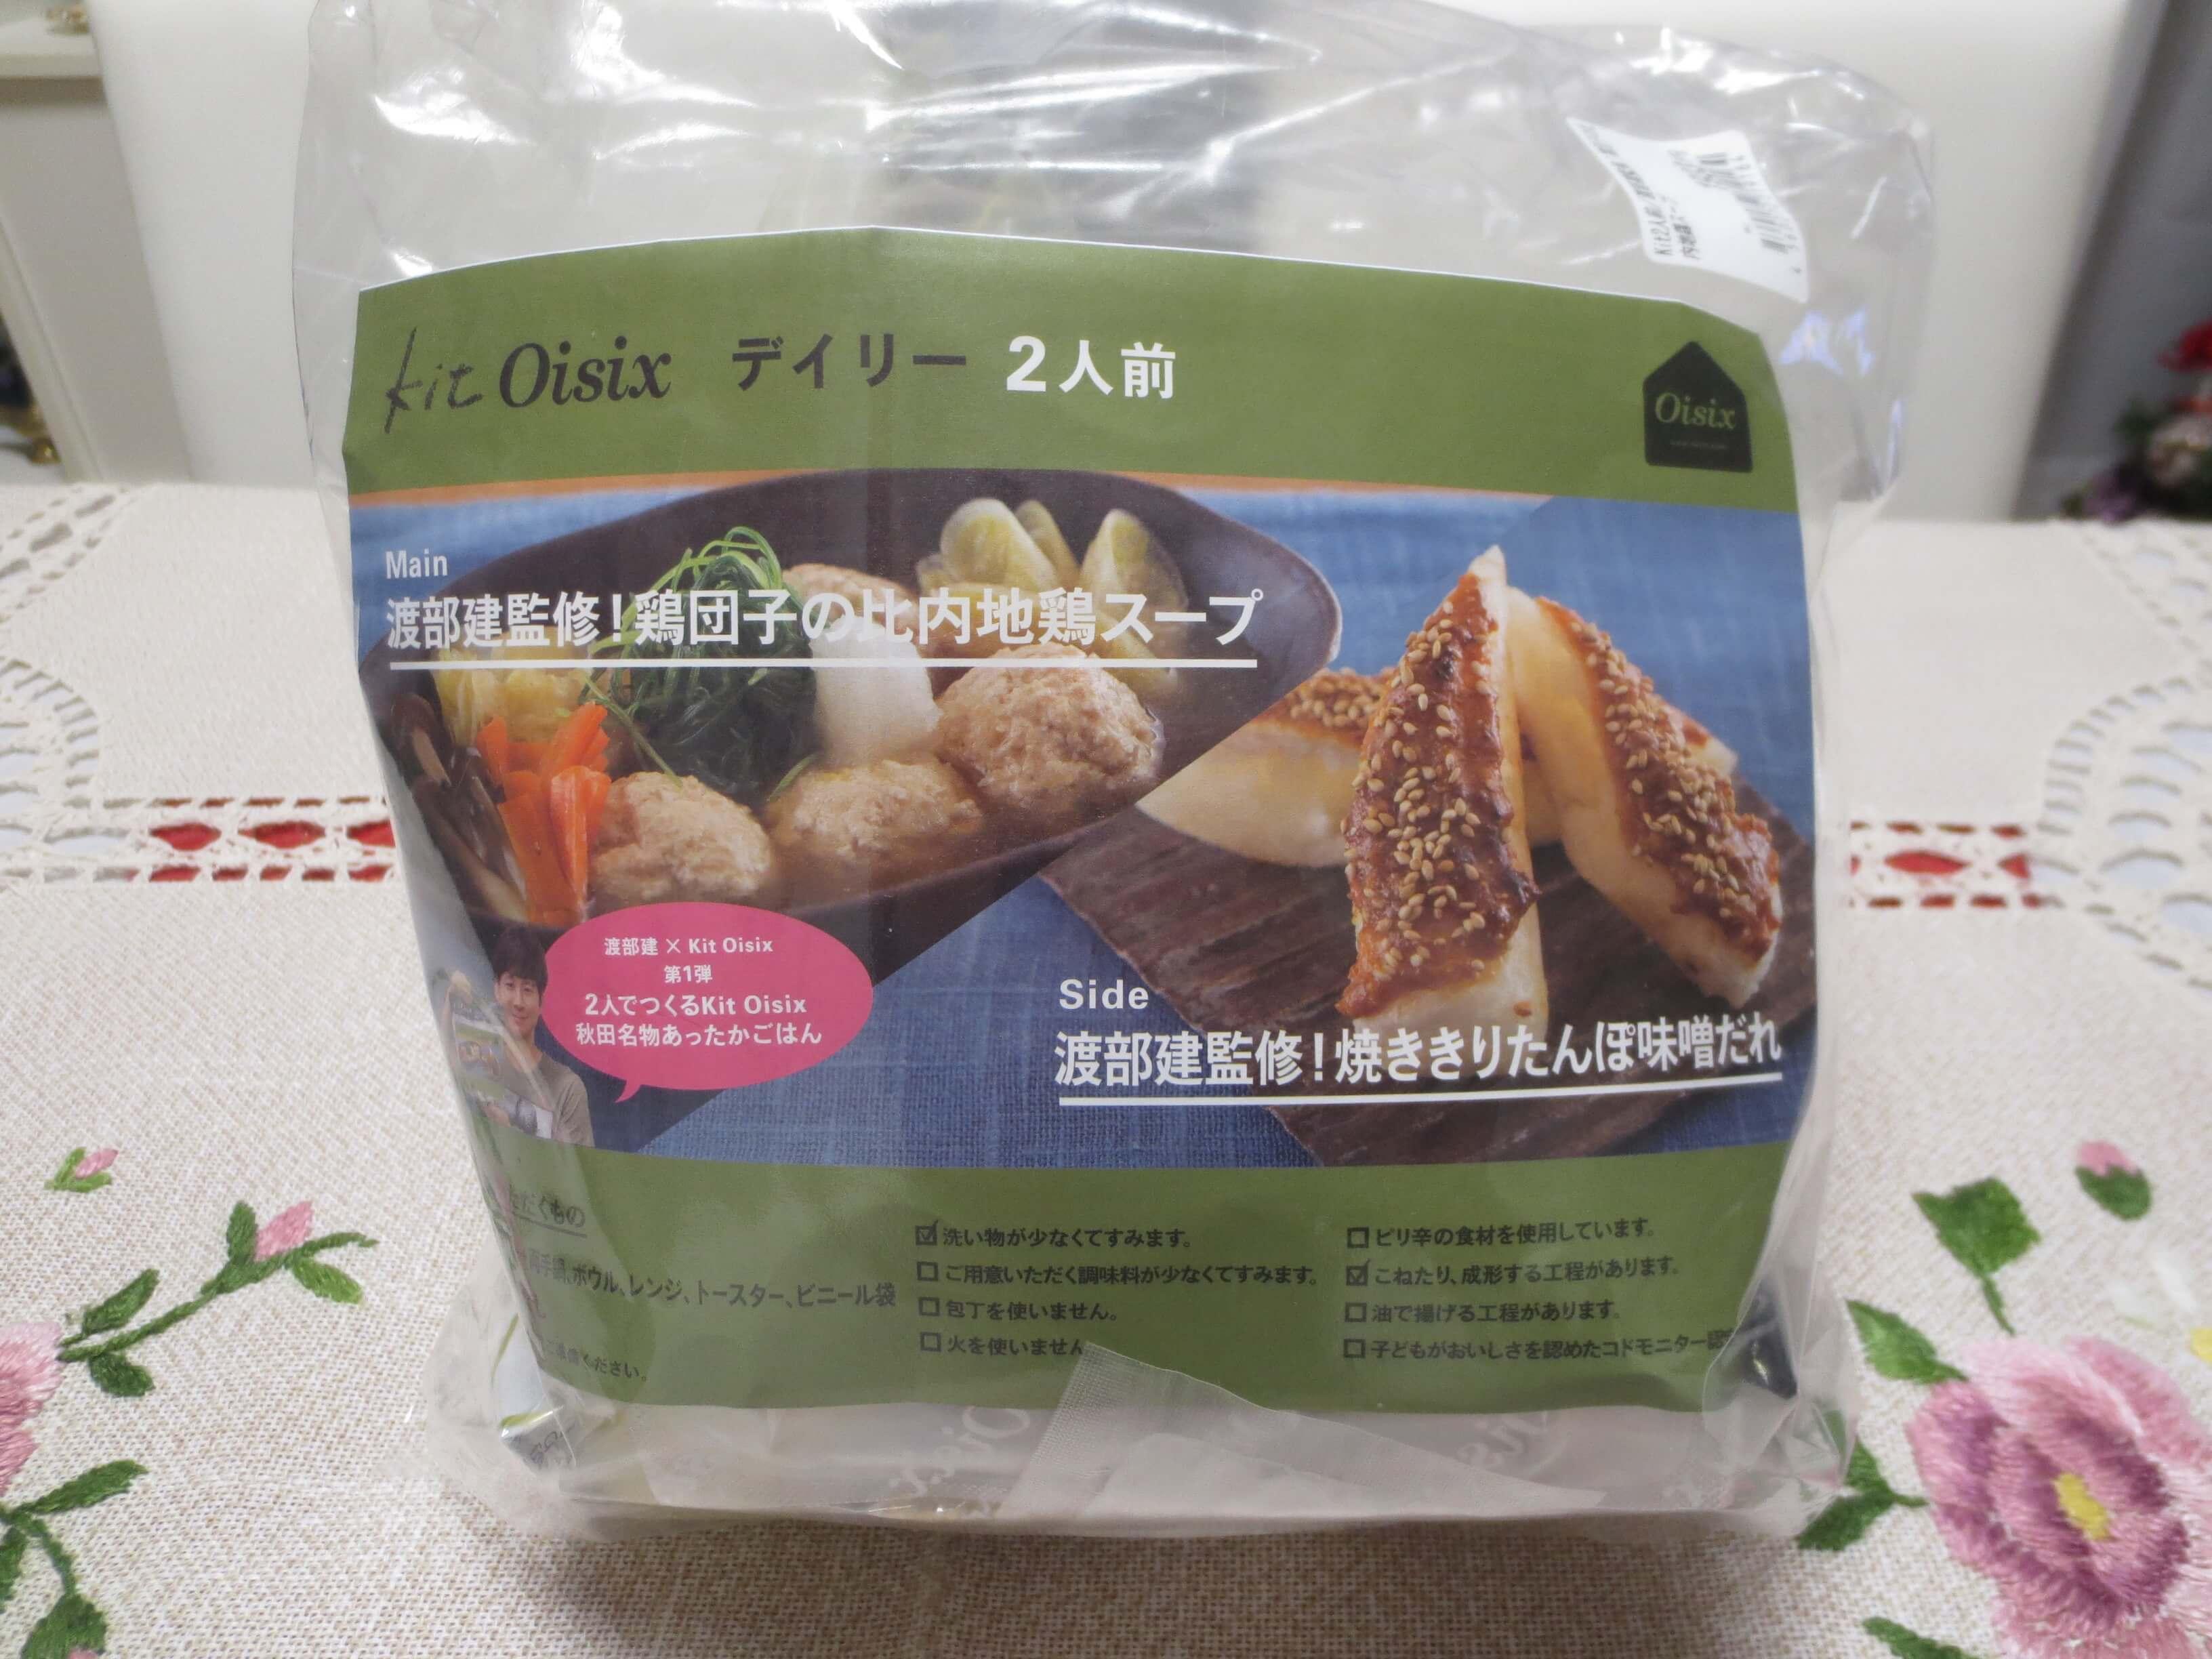 キットオイシックス・渡部健・口コミ・評判1